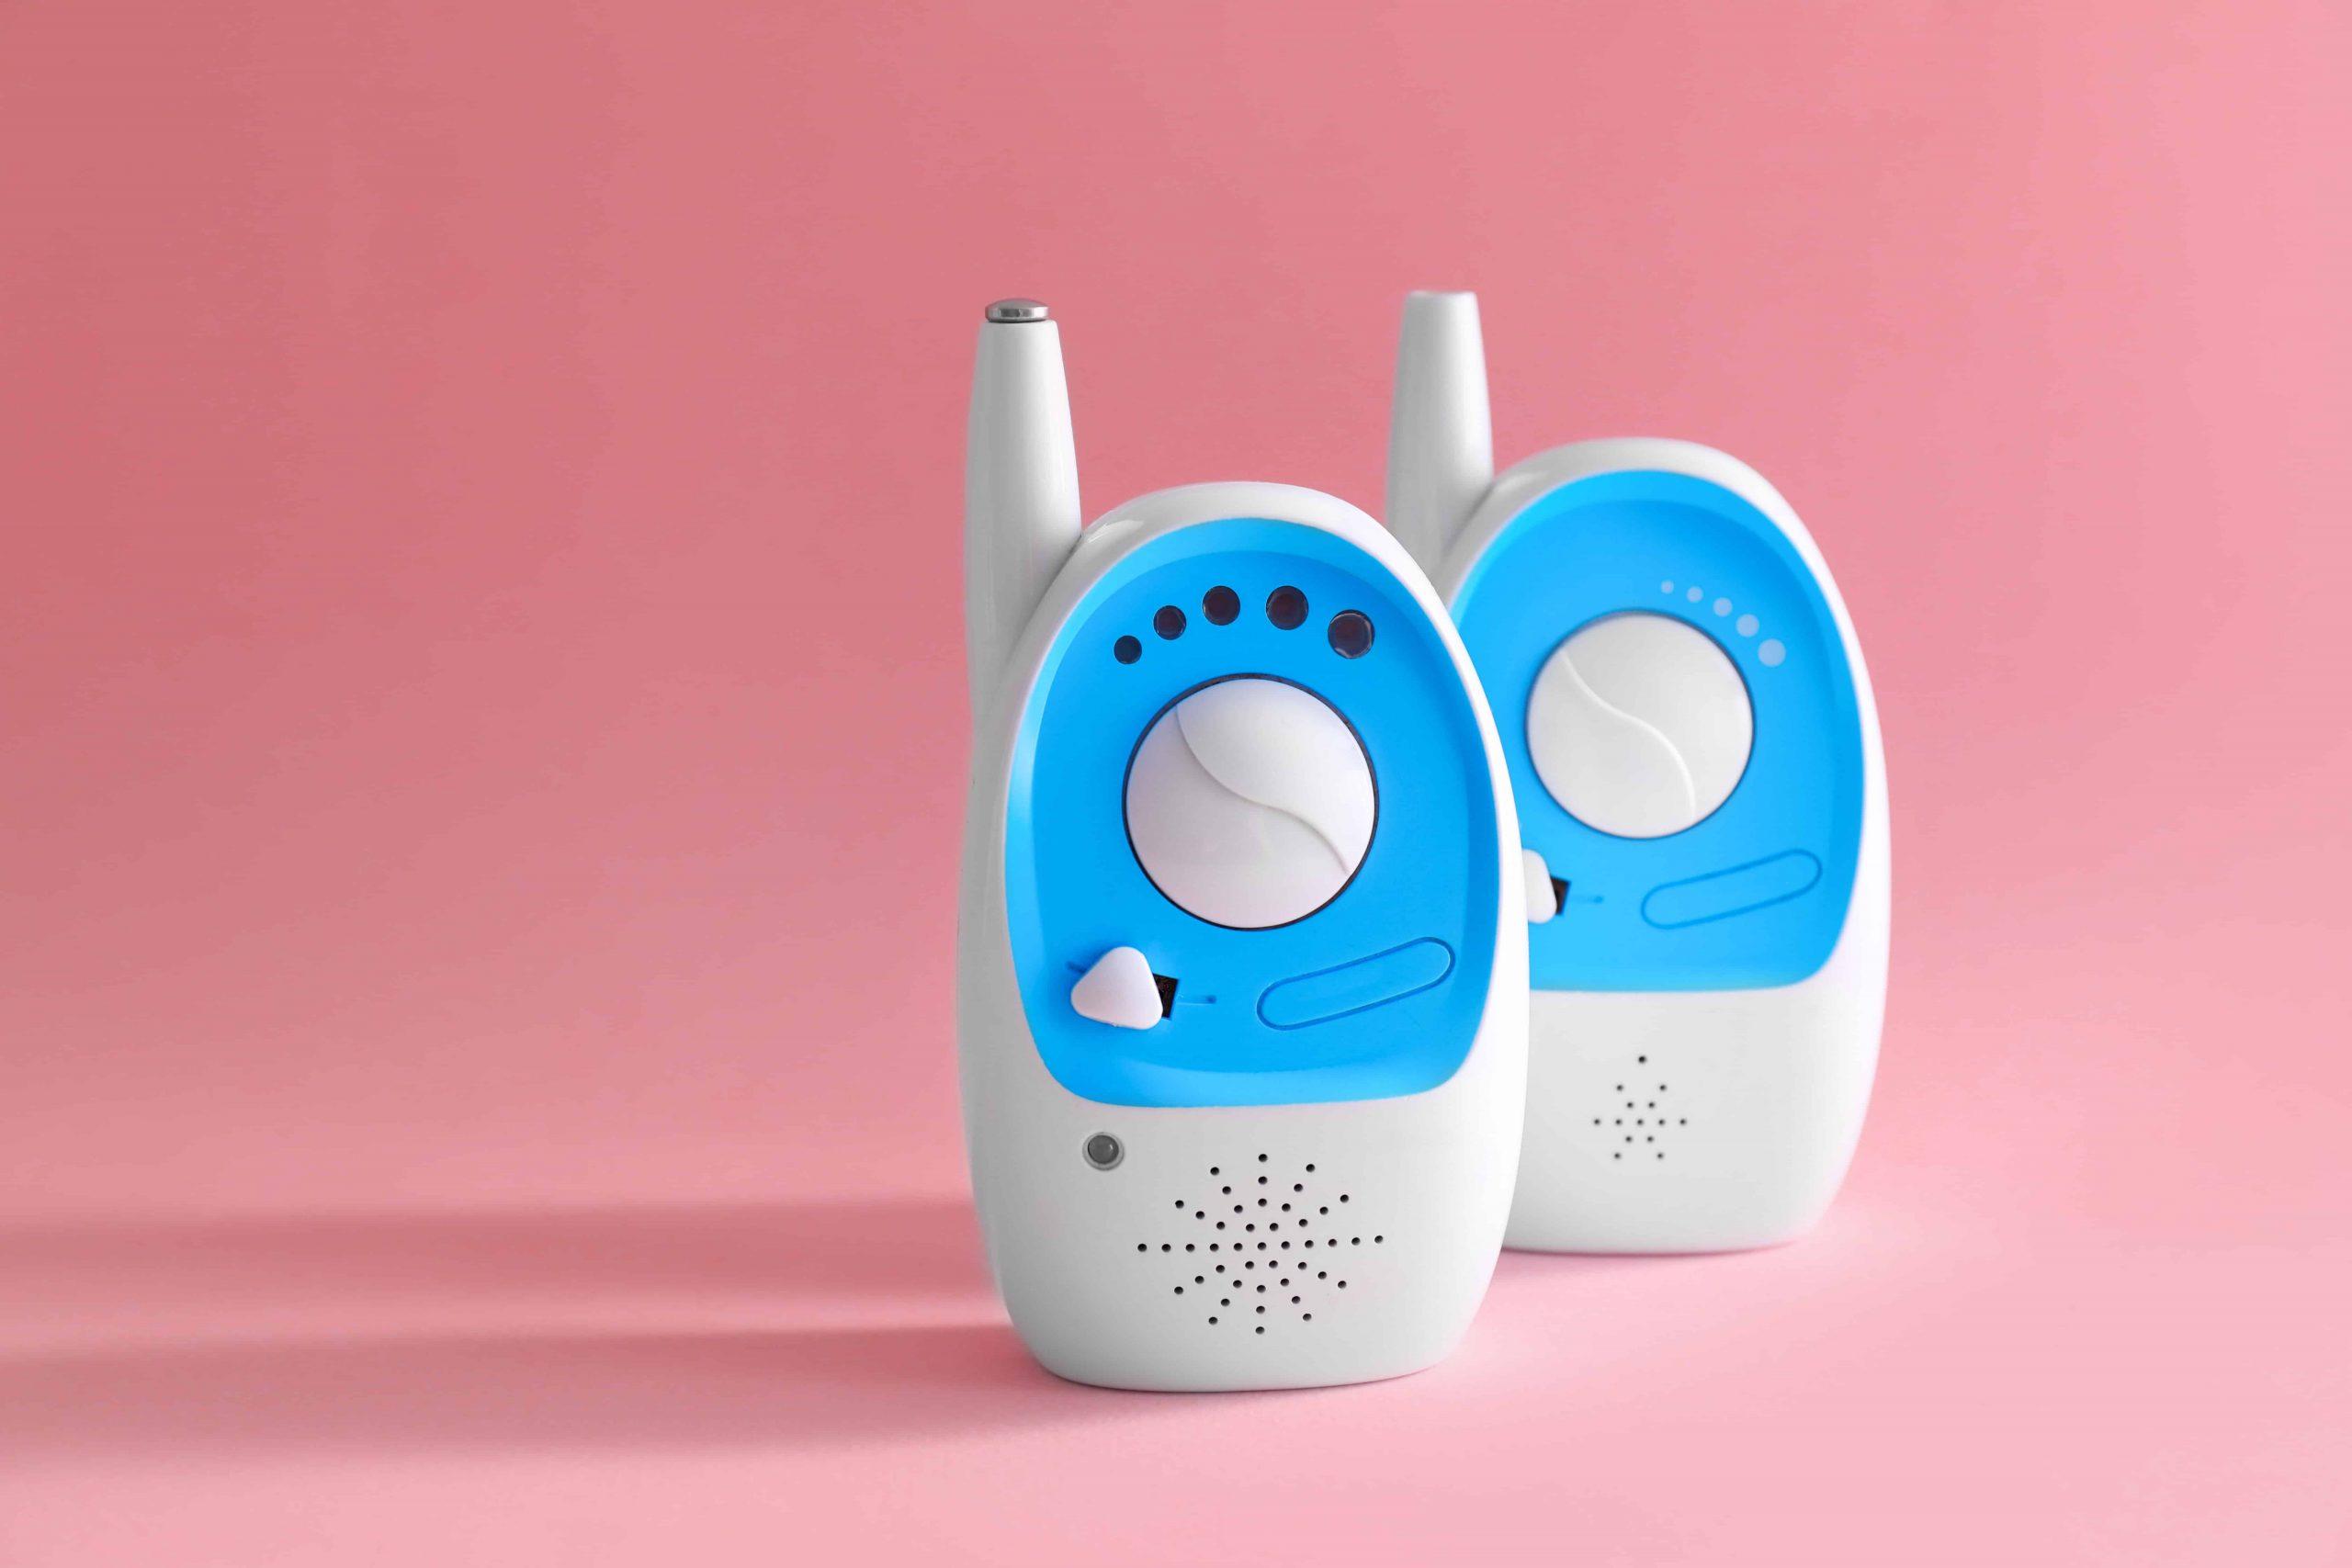 Mit Nachtlicht und DECT-Technologie Zur Audio-/Überwachung Wei/ß Motorola MBP 8 Babyphone Digitales Wireless Babyfon